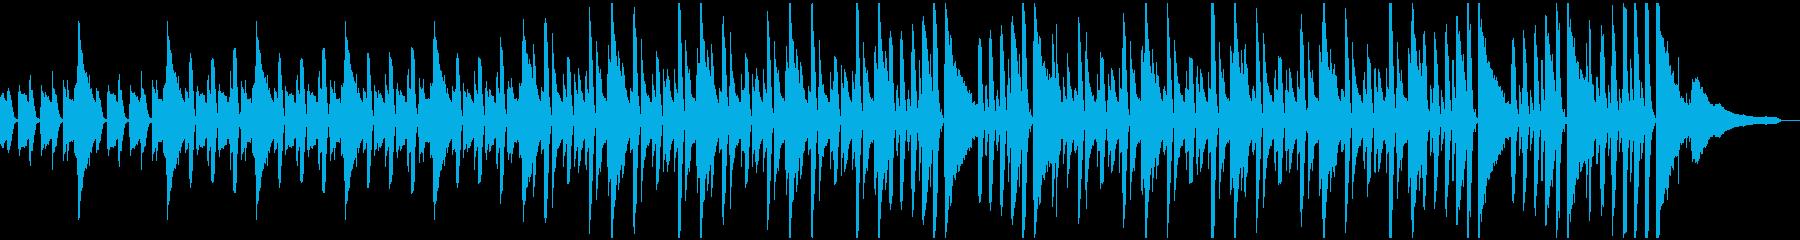 ほのぼのリズムのやさしいBGMの再生済みの波形